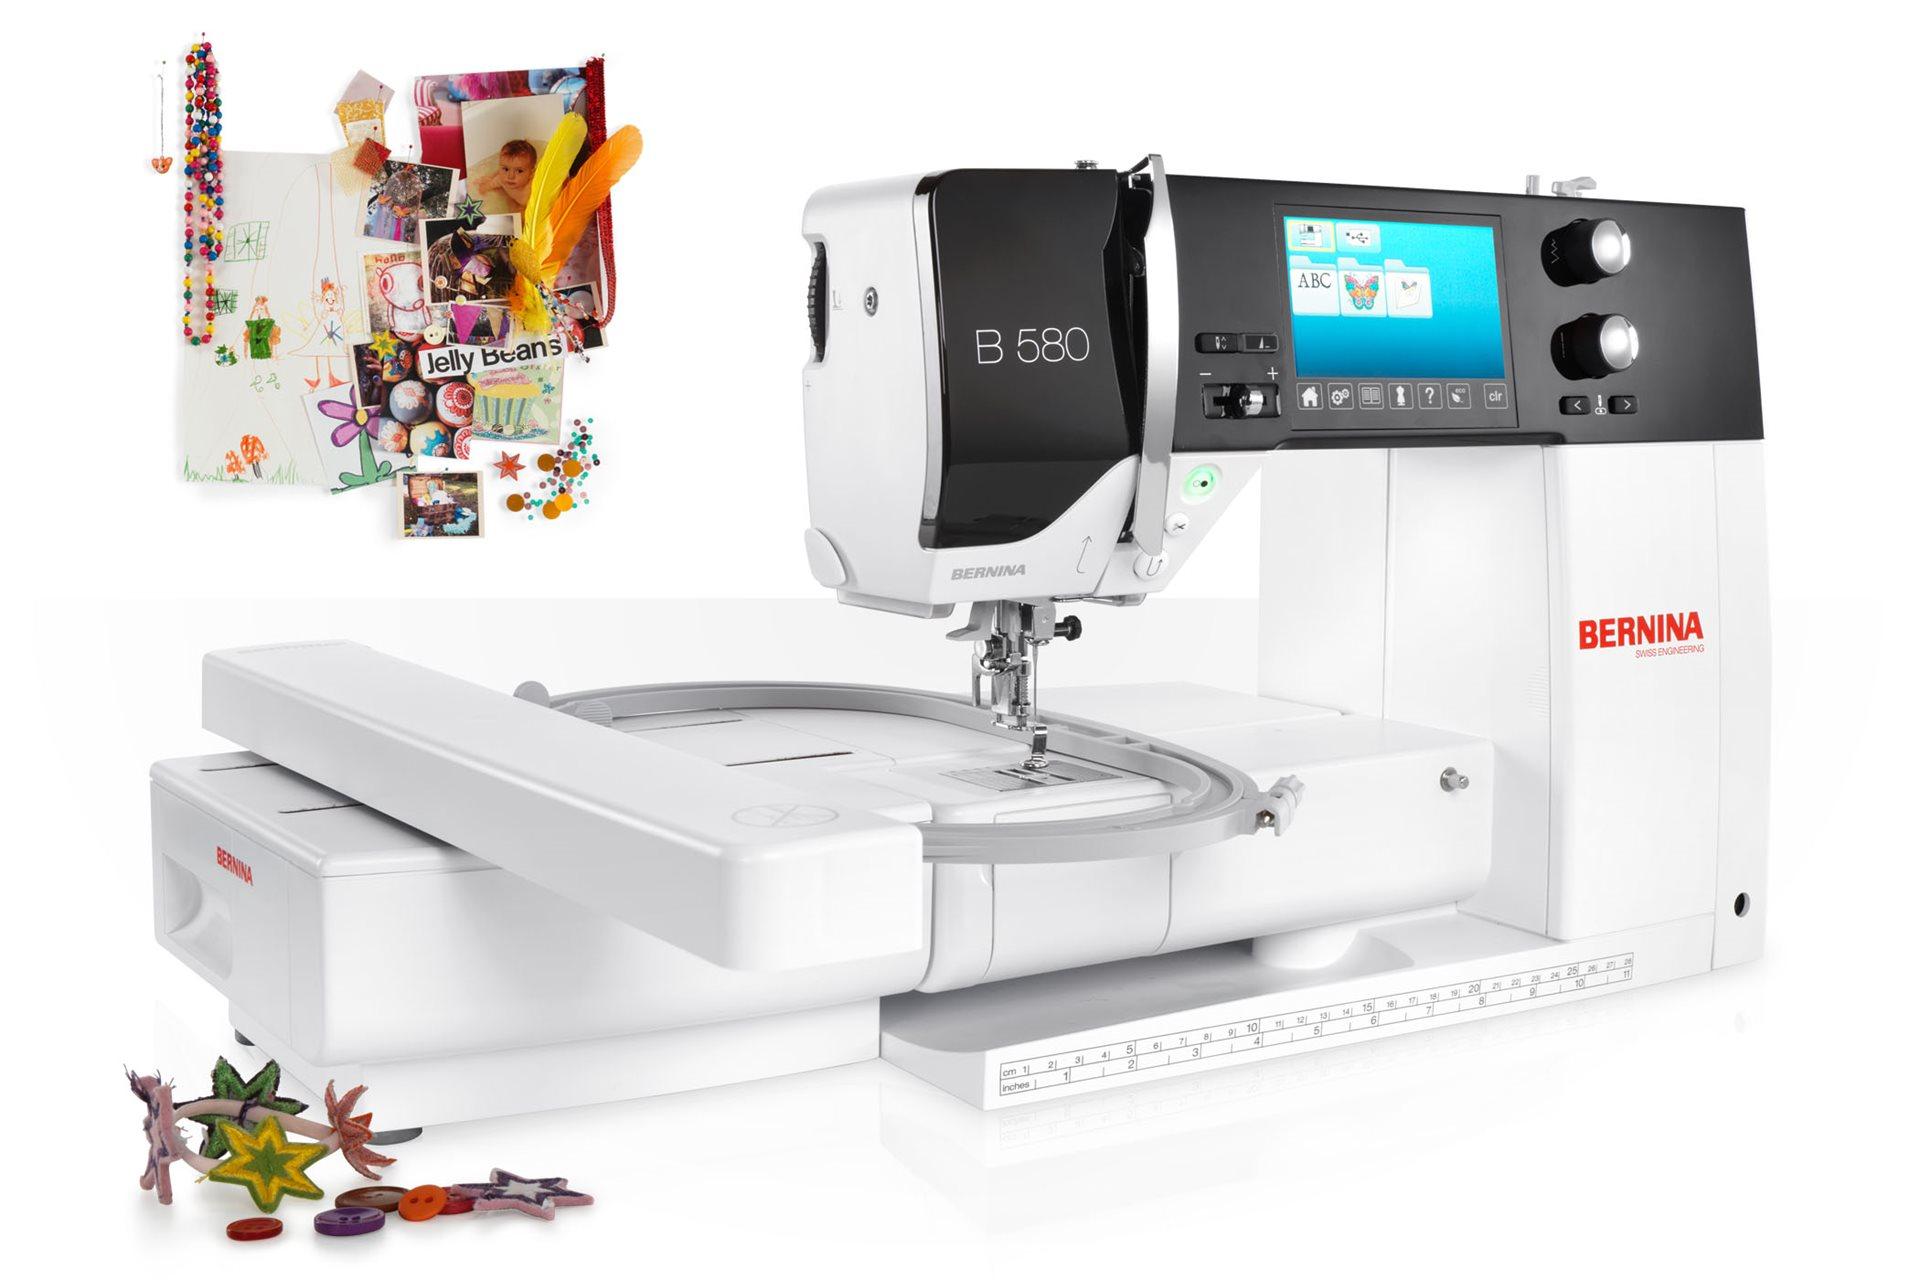 Mit der Nähmaschine kreativ gestalten: BERNINA-Qualitätsprodukte ...